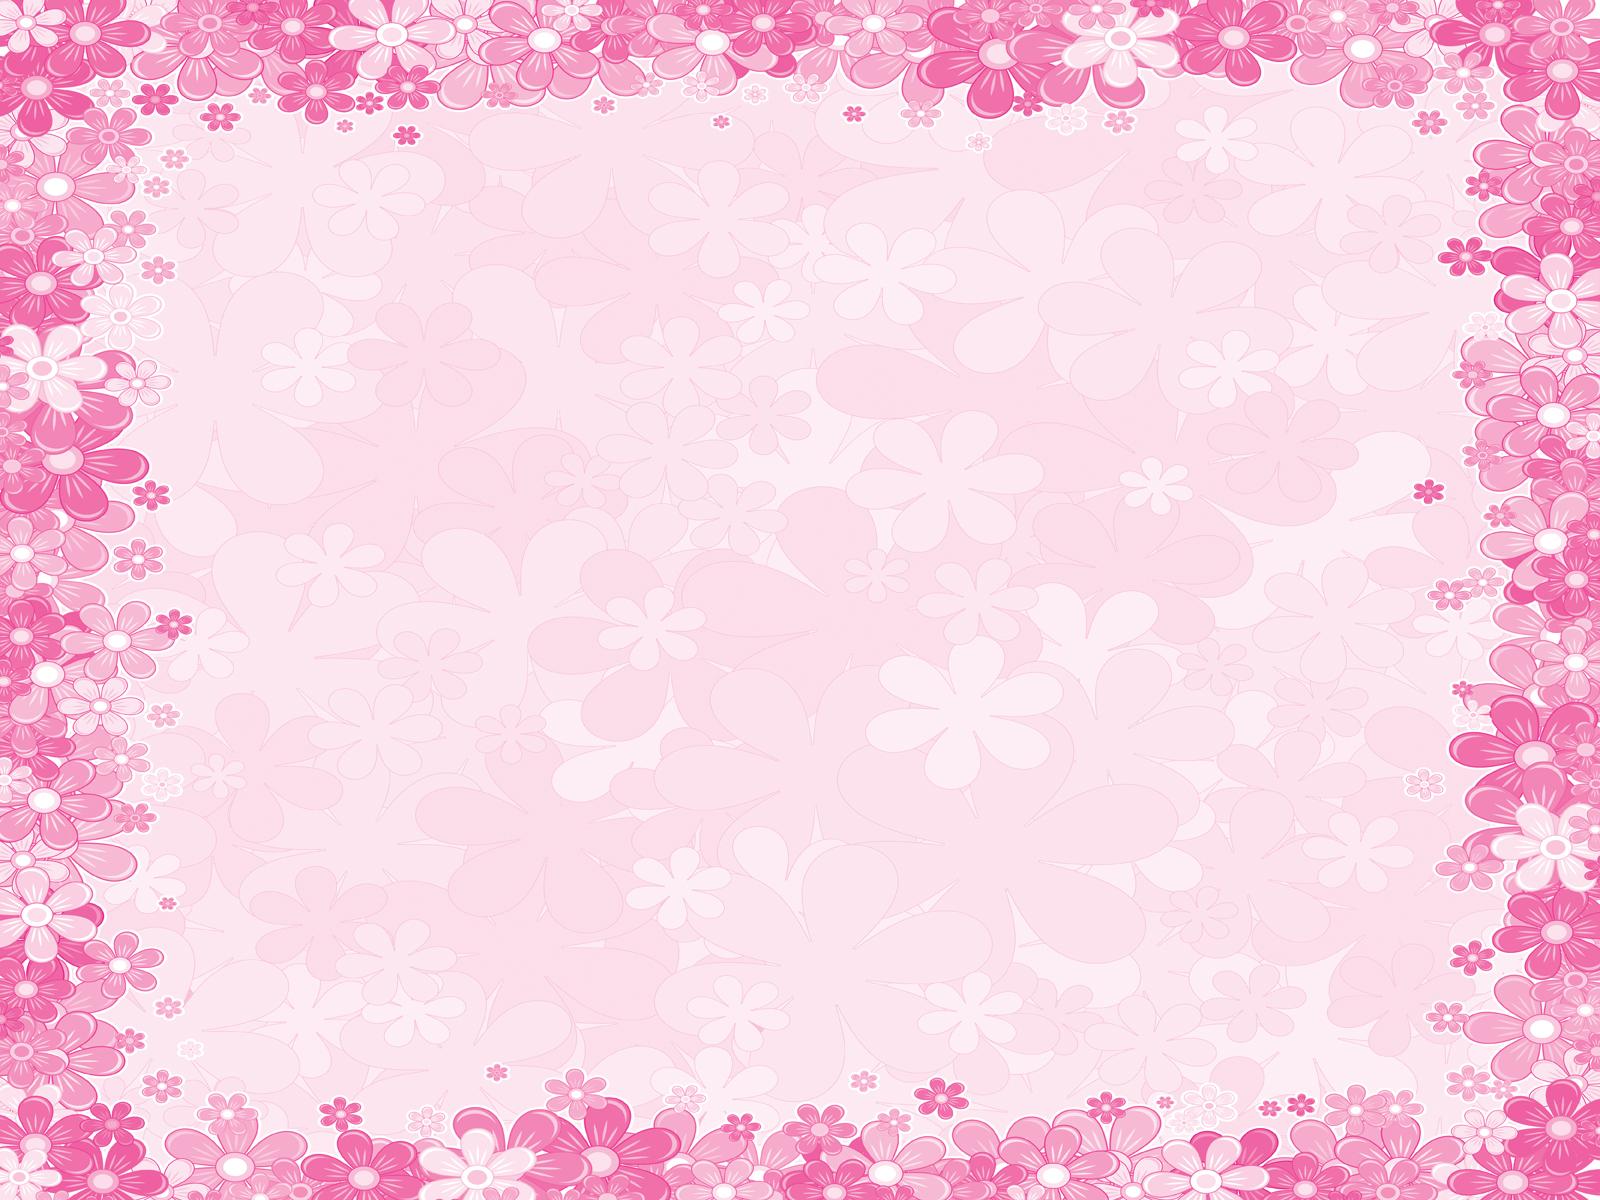 Pink floral frames backgrounds